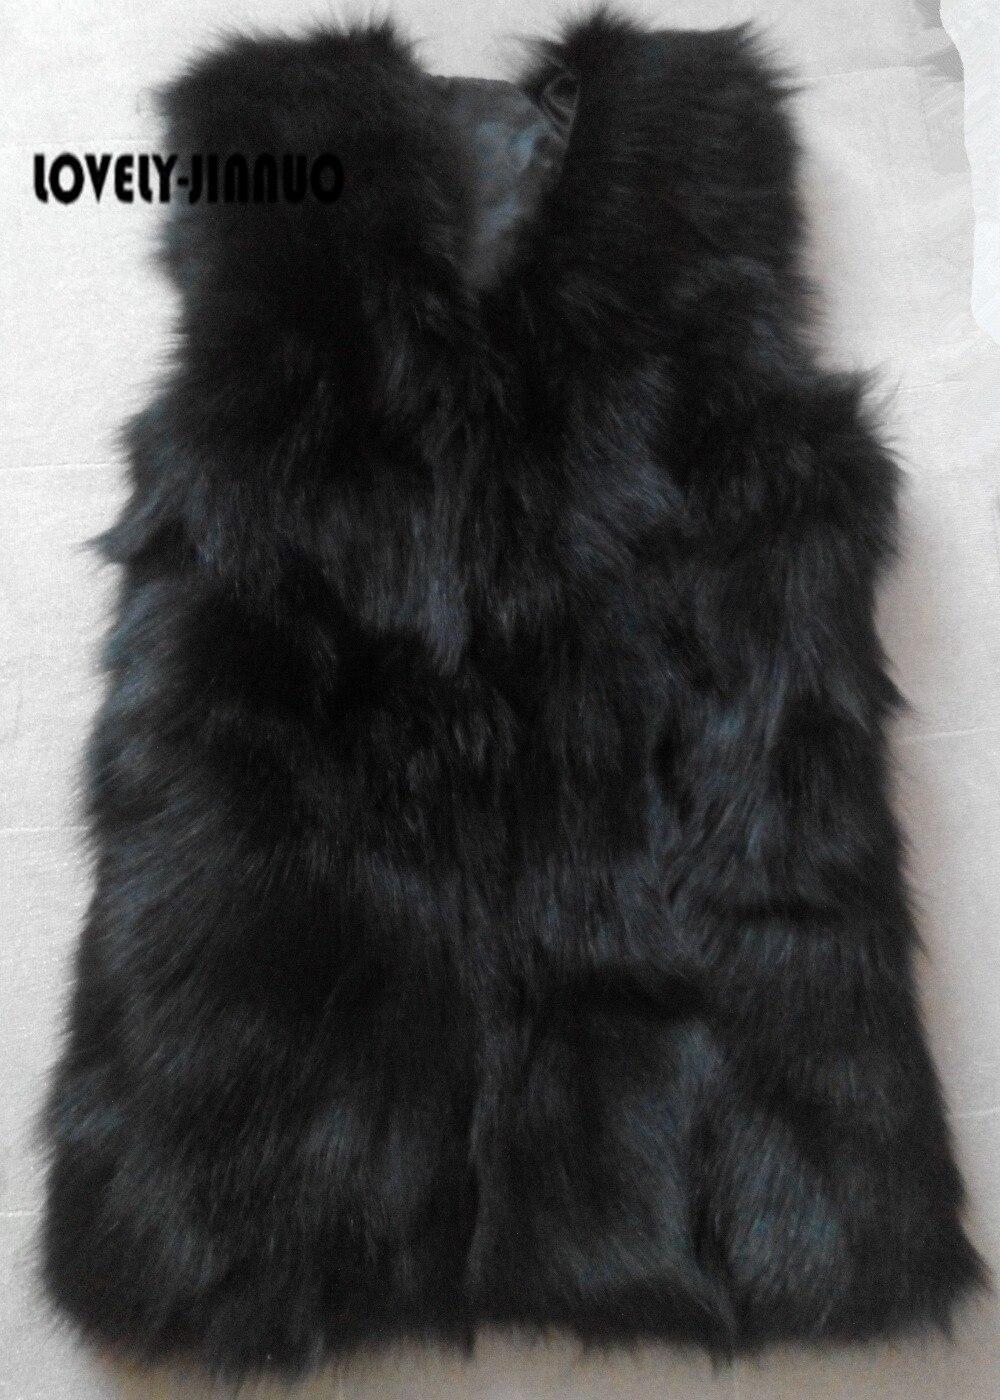 Vente Grande Gratuite Taille Long De Veste Fourrure Réel Gilets Hiver Chaude Tf0417 Naturelle Femmes Livraison Renard Gilet 100 Manteau r4nFr6